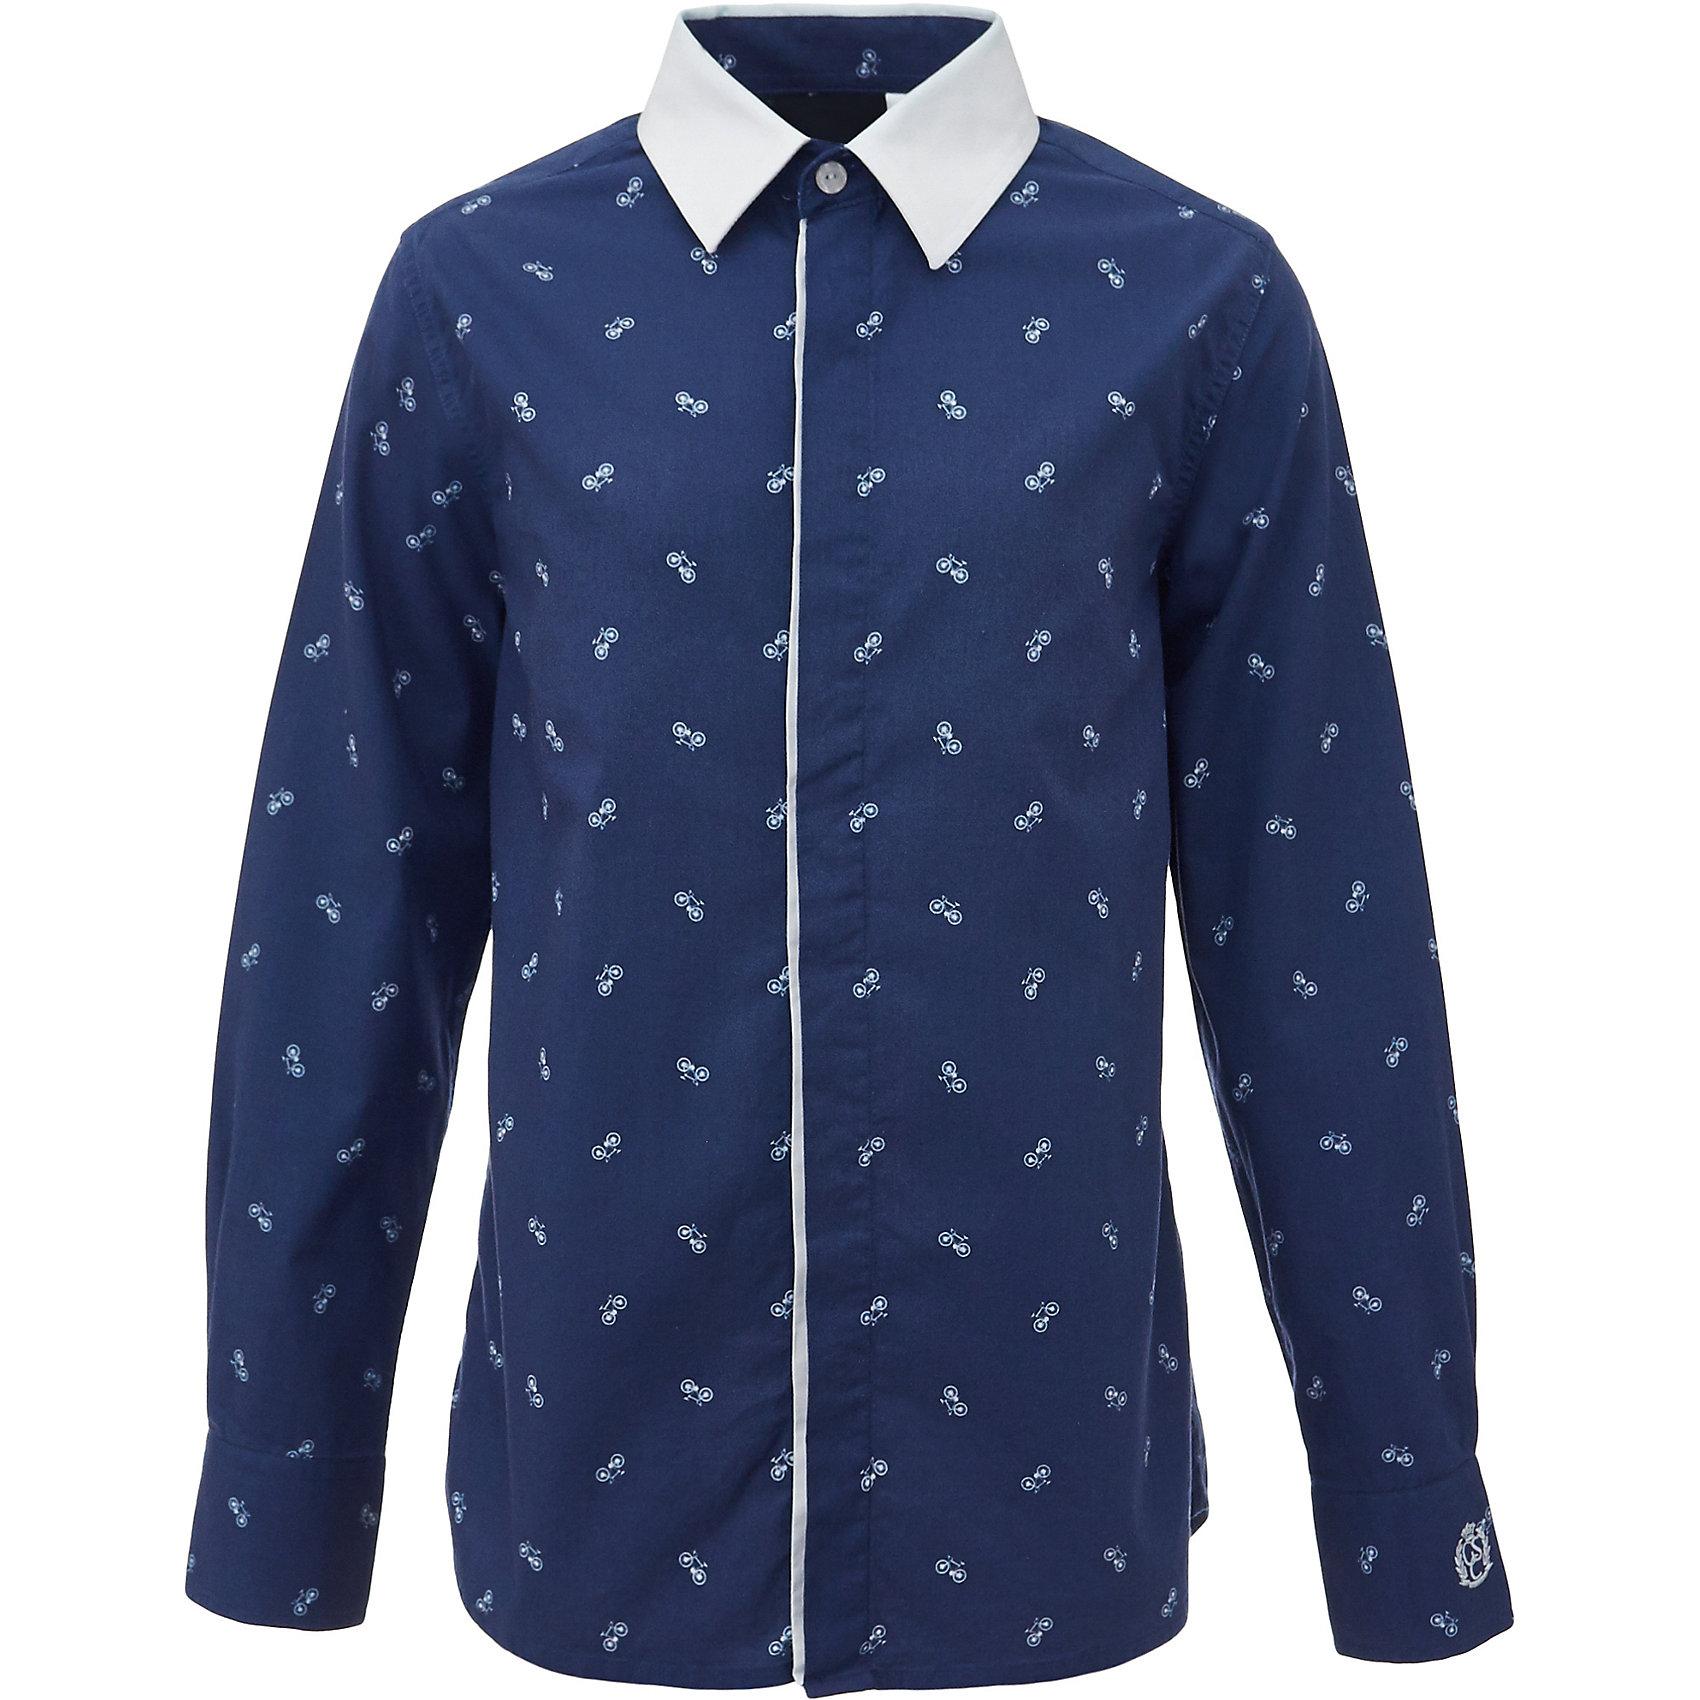 Рубашка для мальчика GulliverБлузки и рубашки<br>Характеристики товара:<br><br>• цвет: синий<br>• состав: 100% хлопок<br>• сезон: круглый год<br>• с длинным рукавом<br>• воротник-стойка<br>• застежки: пуговицы<br>• манжеты на трех пуговицах<br>• особенности: школьная, повседневная, с рисунком<br>• страна бренда: Российская Федерация<br>• страна производства: Российская Федерация<br><br>Школьная рубашка с длинным рукавом для мальчика. Синяя рубашка с мелким рисунком на потайной застежке на пуговицах, манжеты рукавов на трех пуговицах. Воротник контрастного белого цвета.<br><br>Рубашку для мальчика Gulliver (Гулливер) можно купить в нашем интернет-магазине.<br><br>Ширина мм: 174<br>Глубина мм: 10<br>Высота мм: 169<br>Вес г: 157<br>Цвет: синий<br>Возраст от месяцев: 72<br>Возраст до месяцев: 84<br>Пол: Мужской<br>Возраст: Детский<br>Размер: 122,170,164,158,152,146,140,134,128<br>SKU: 6678346